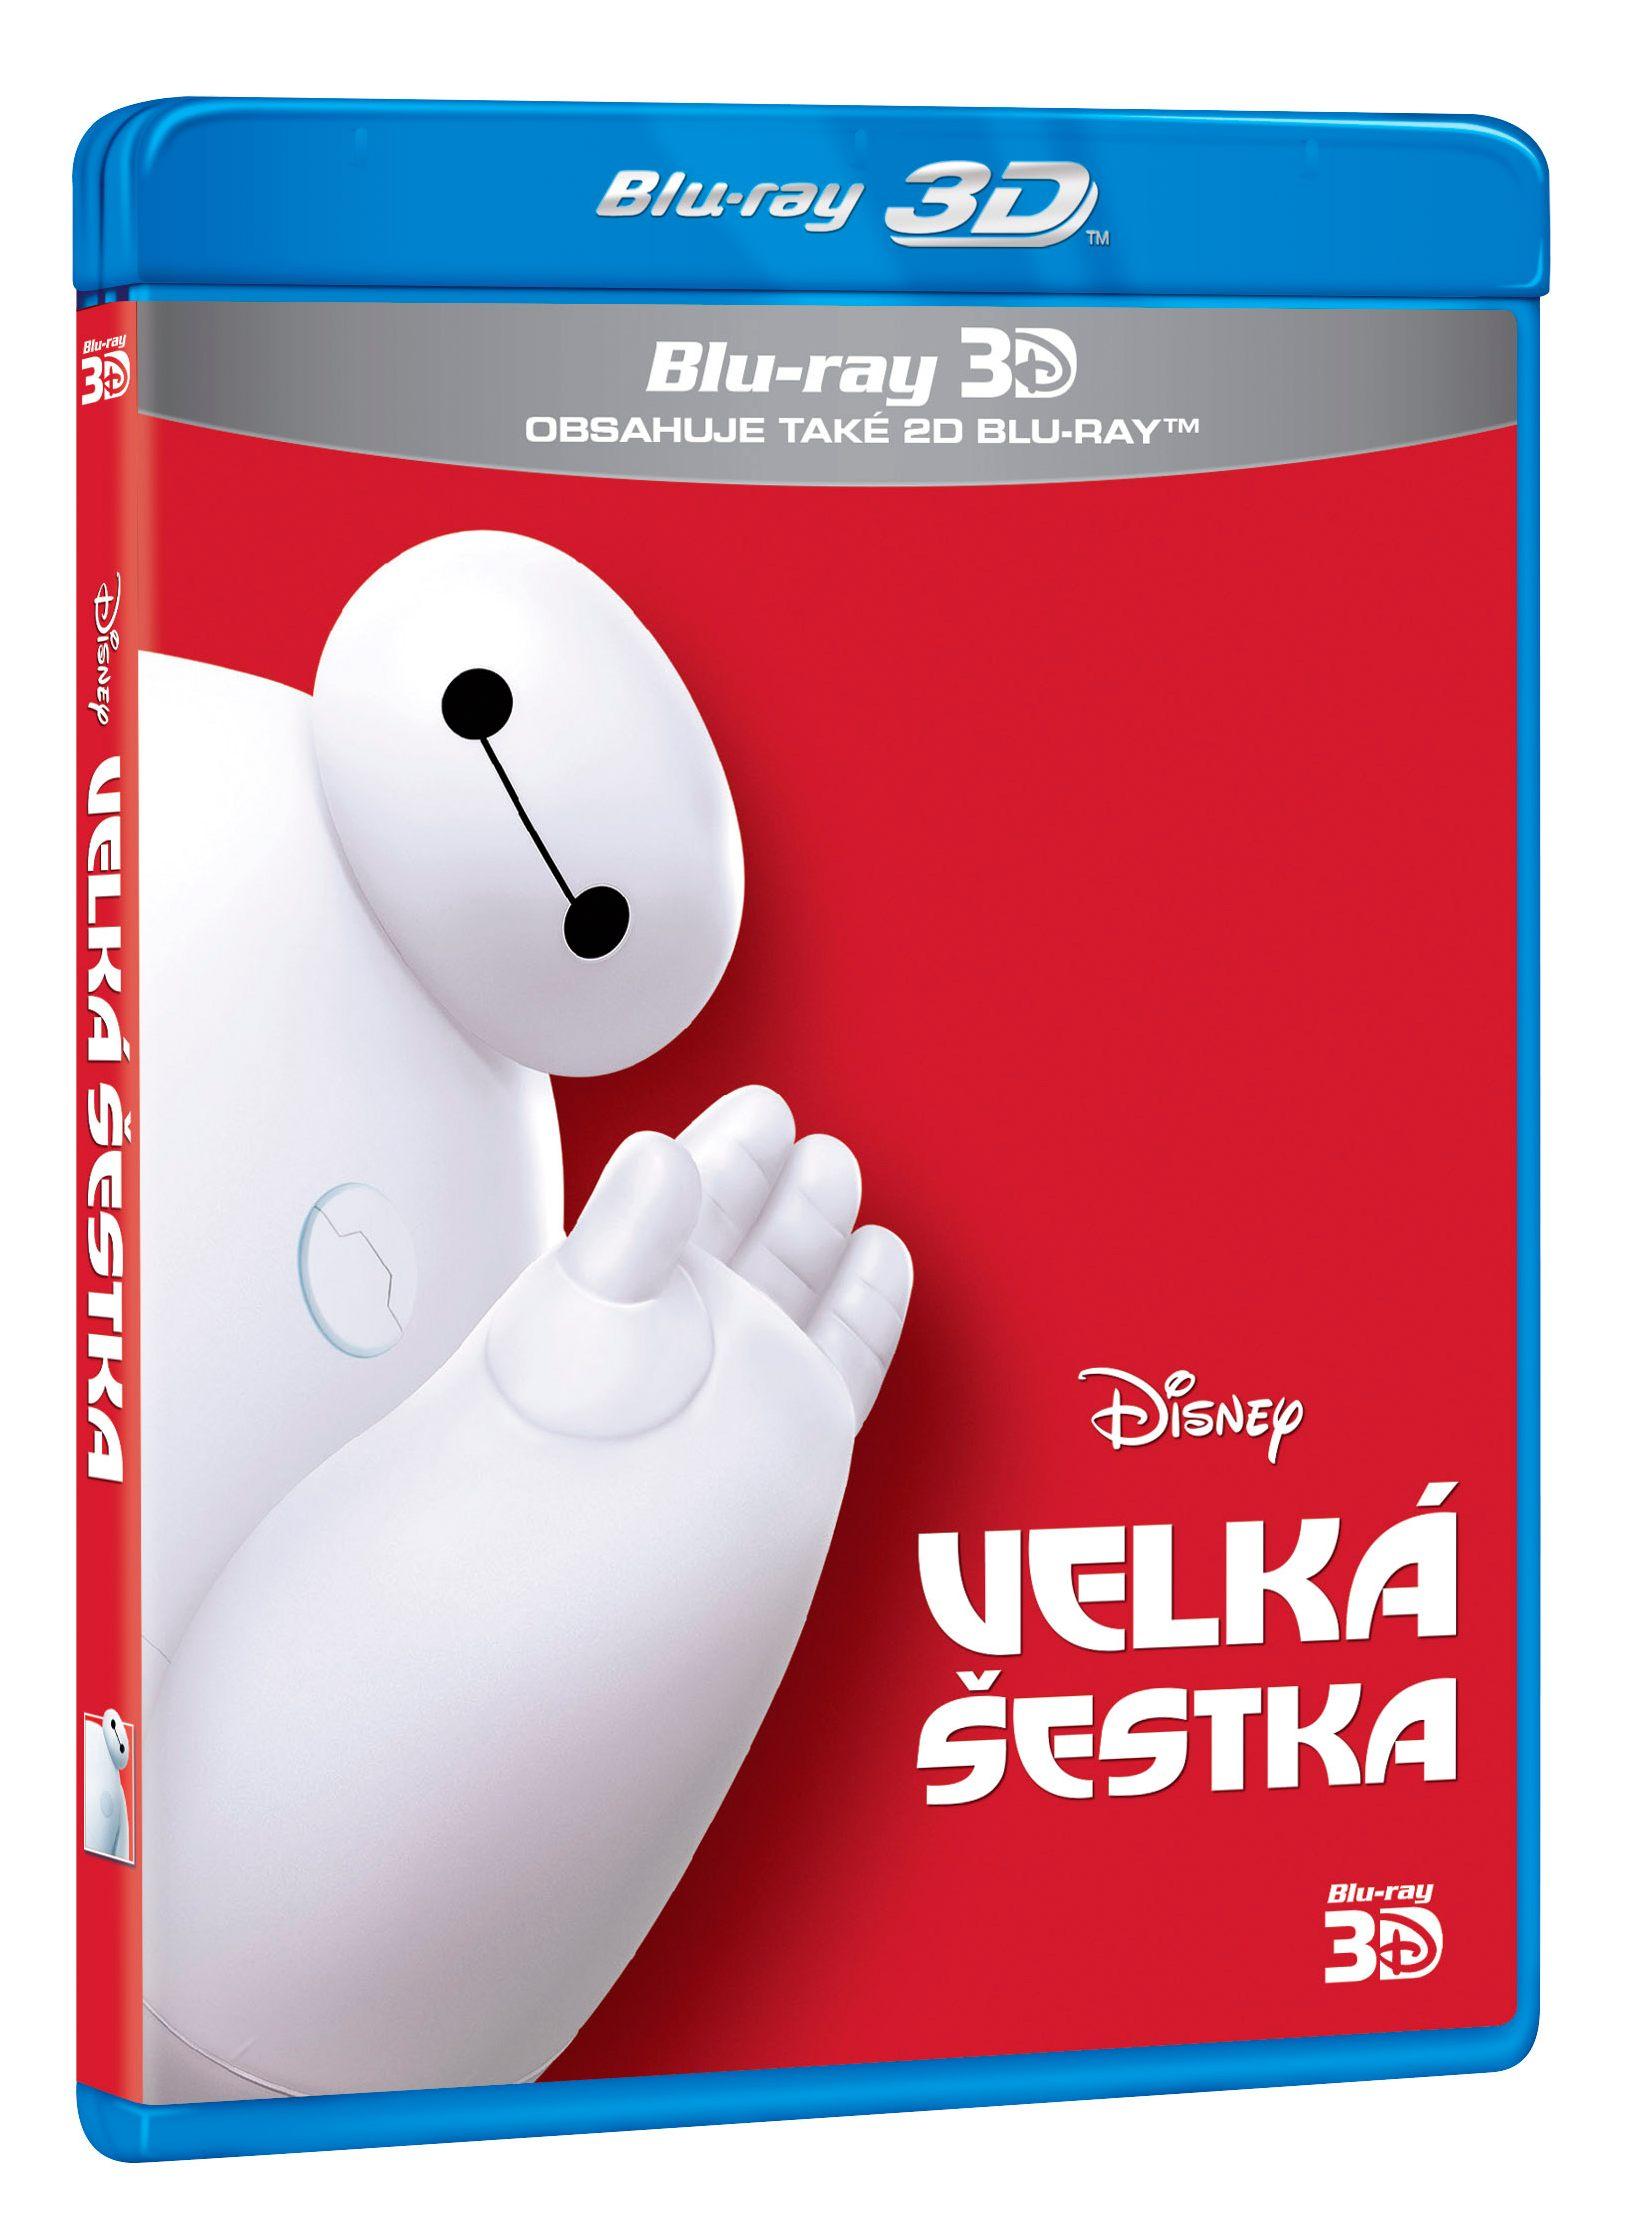 VELKÁ ŠESTKA - Blu-ray 3D + 2D